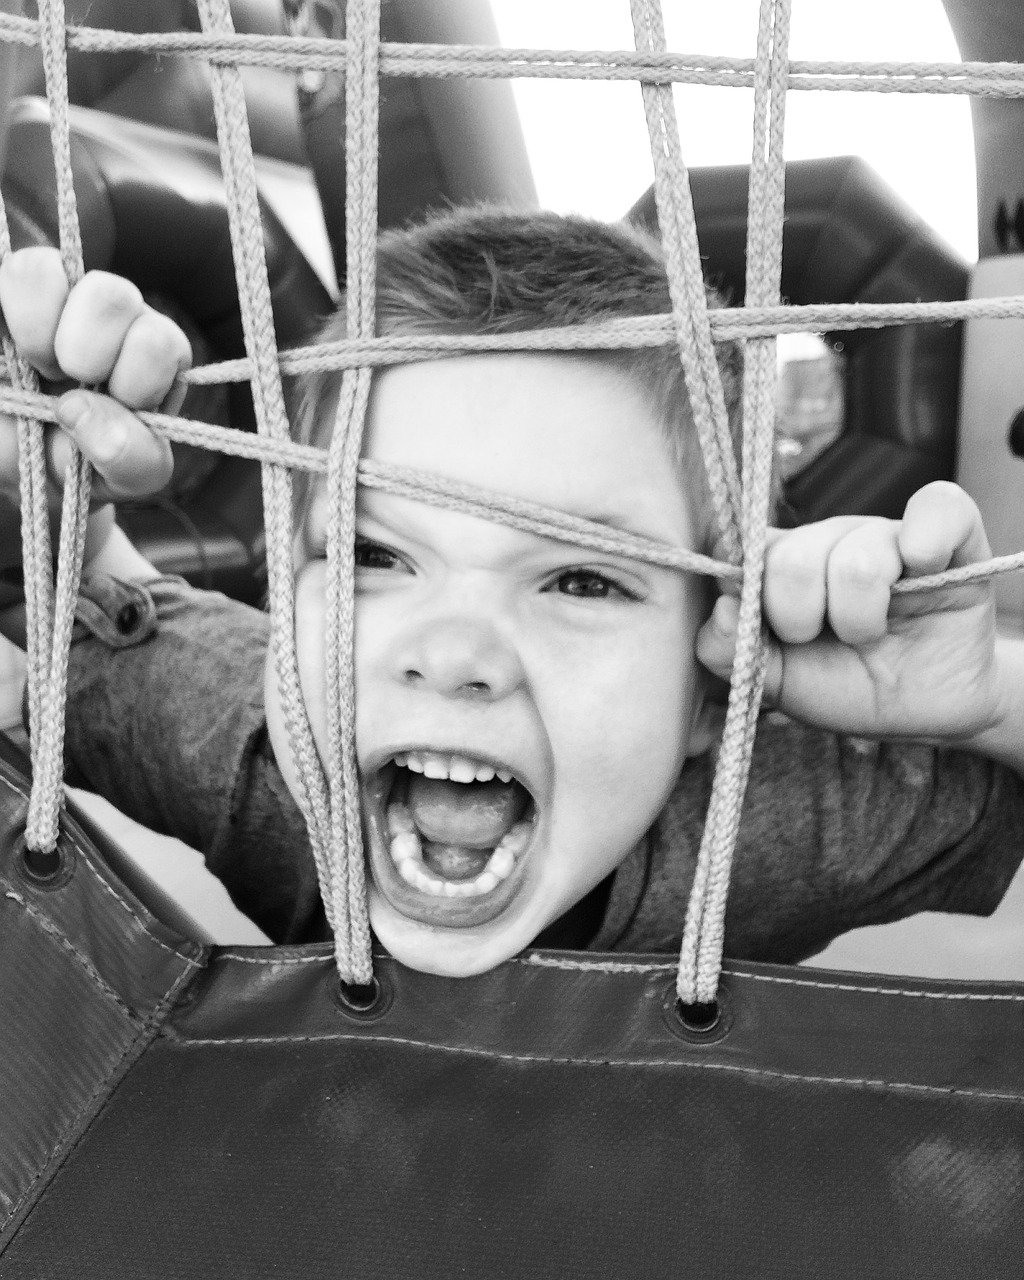 Memahami Penggunaan Labeling Nakal dan Rewel pada Anak